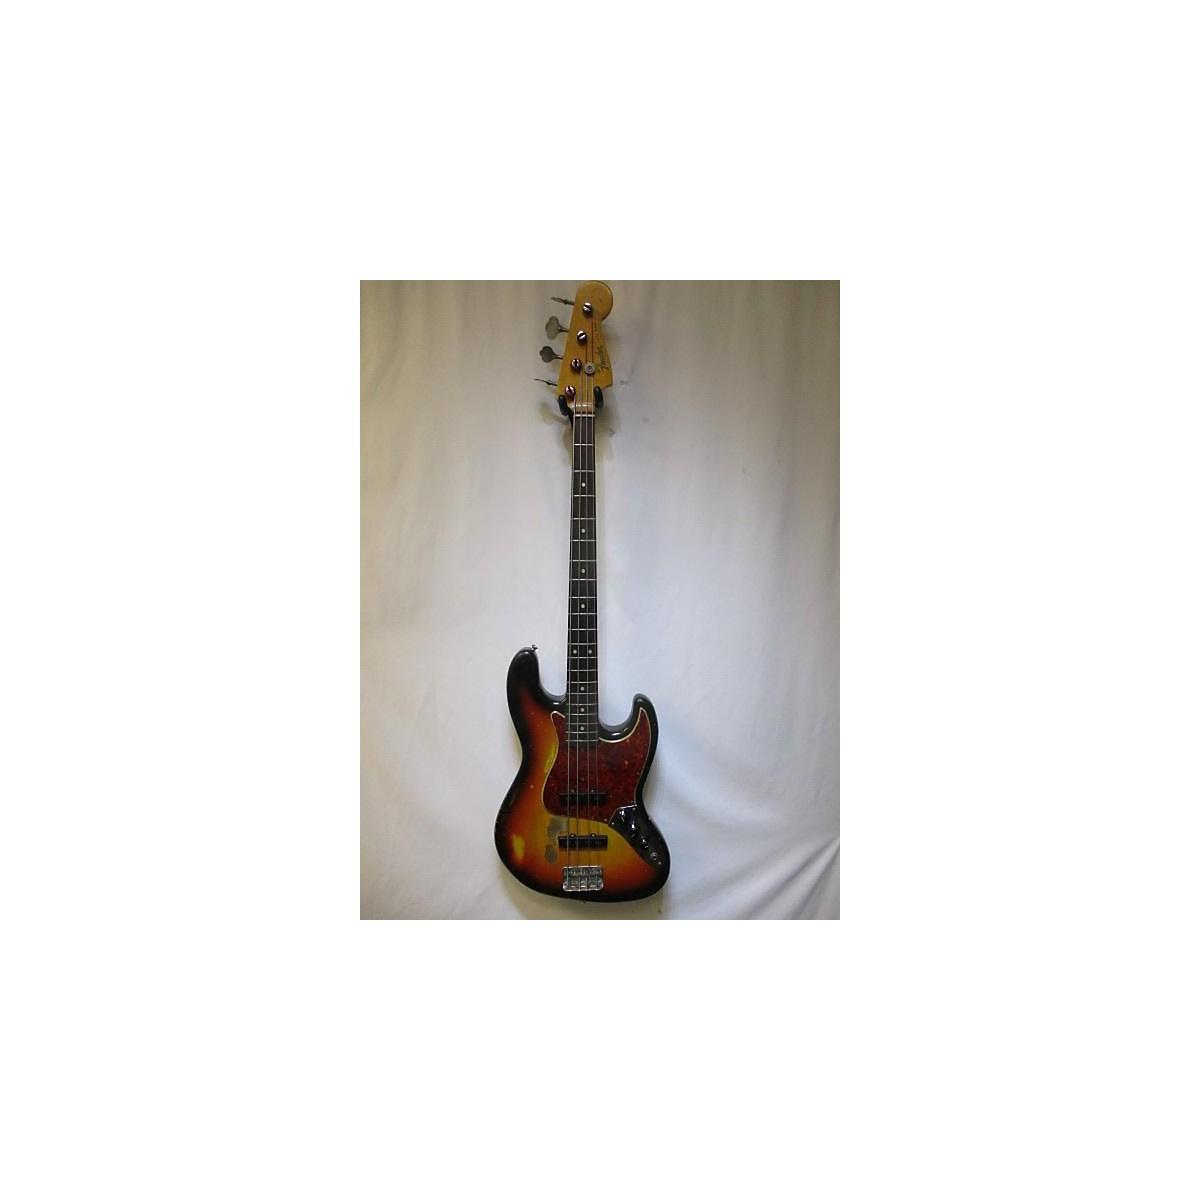 Fender 1965 JAZZ BASS Electric Bass Guitar